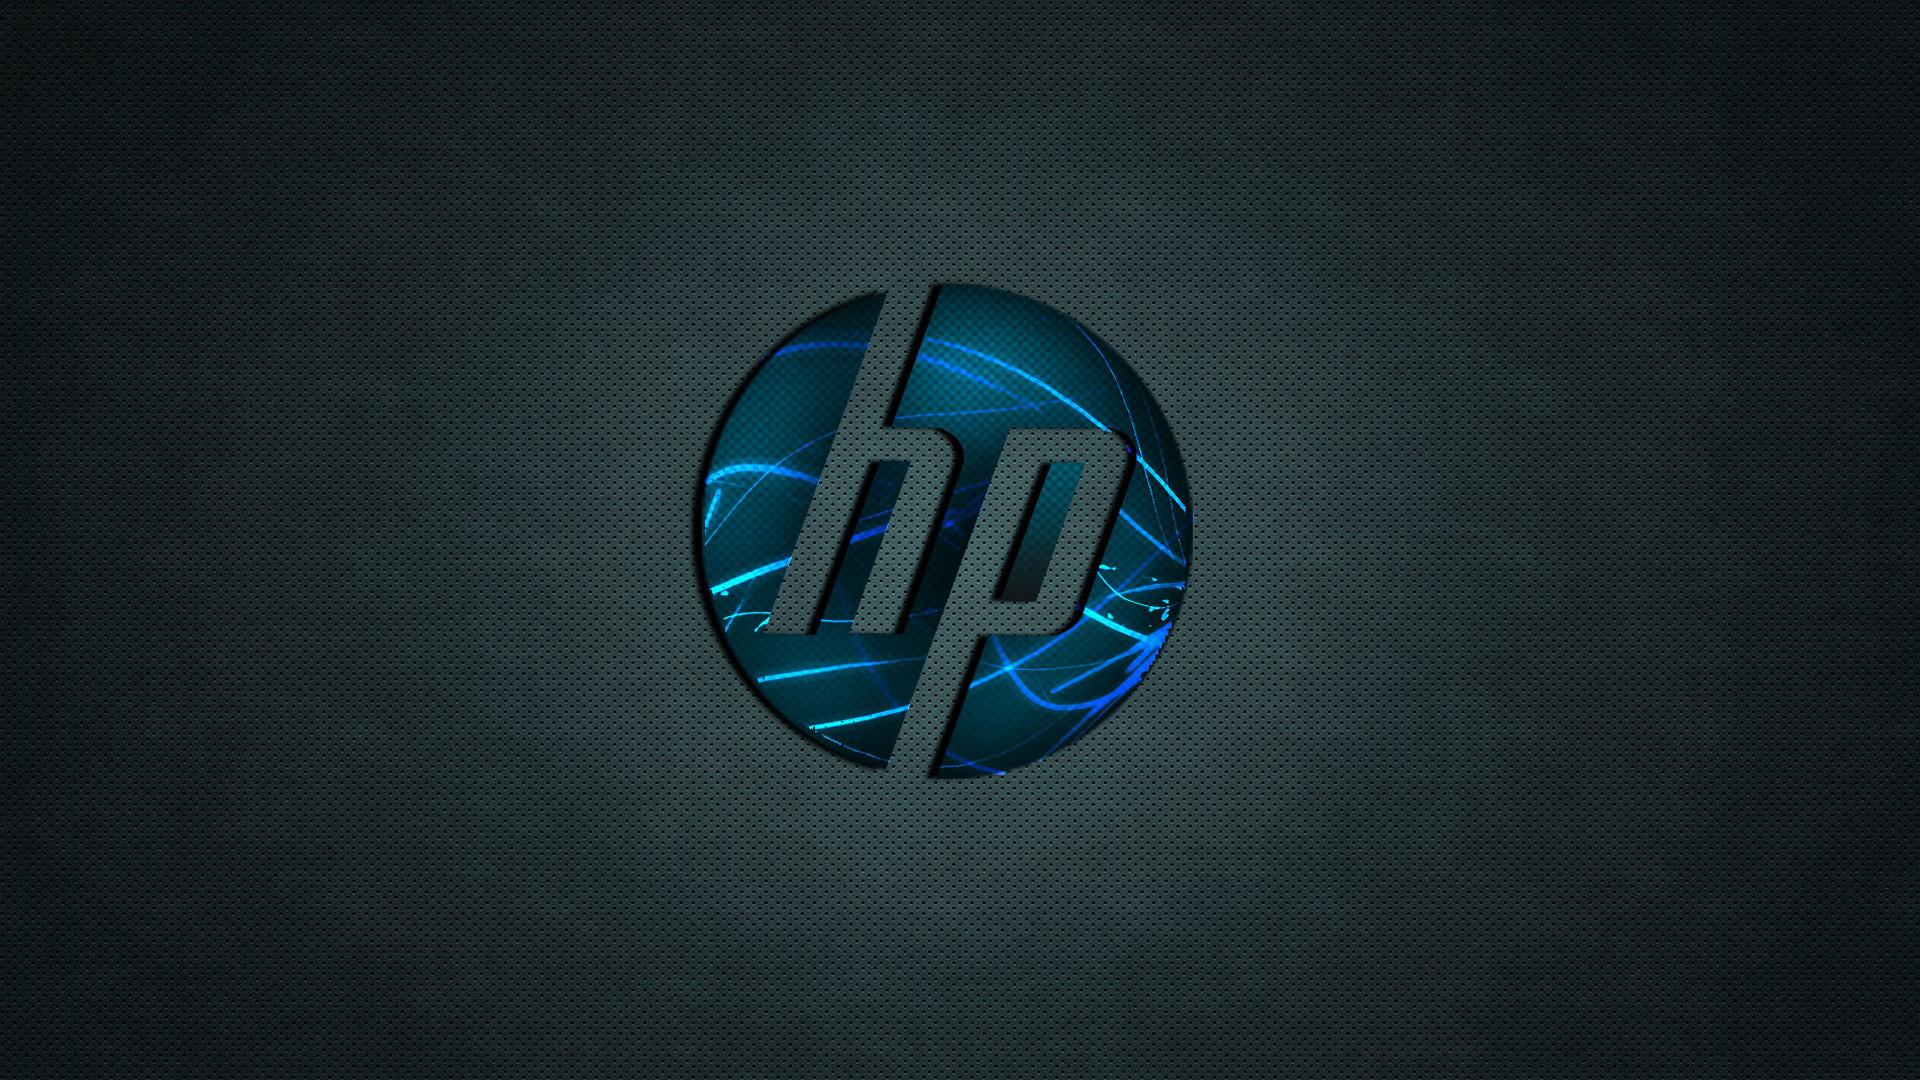 Computer HP Desktop Backgrounds